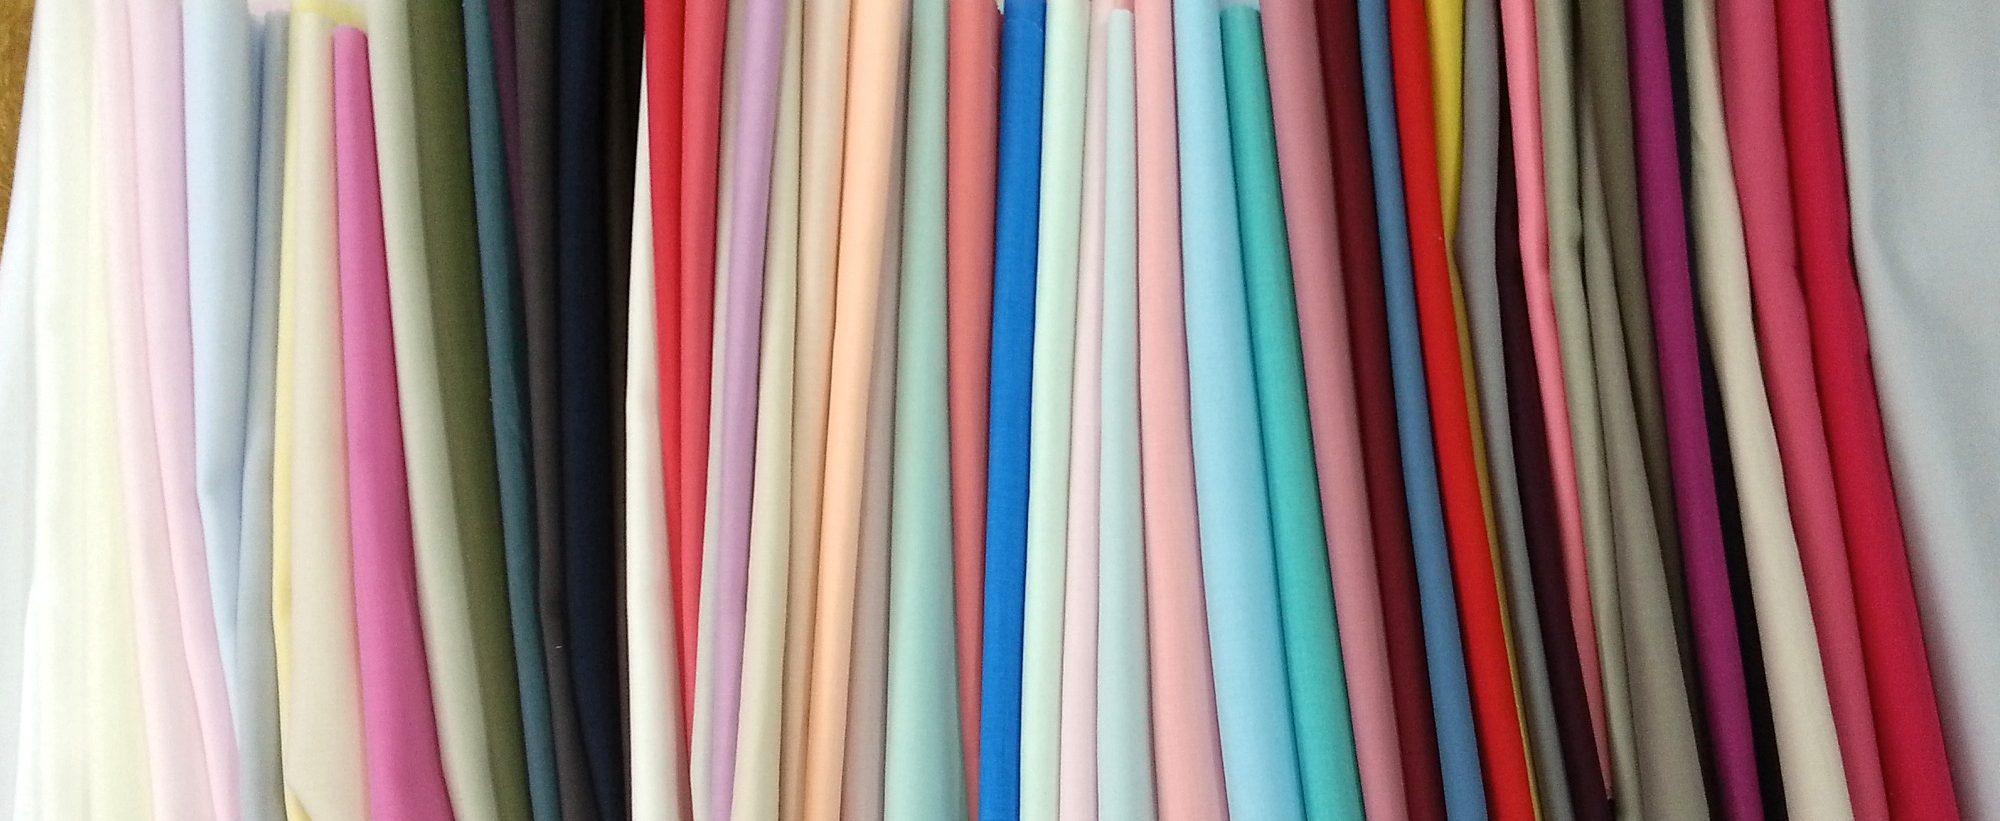 Cotton Muslin woven fabric, ready goods